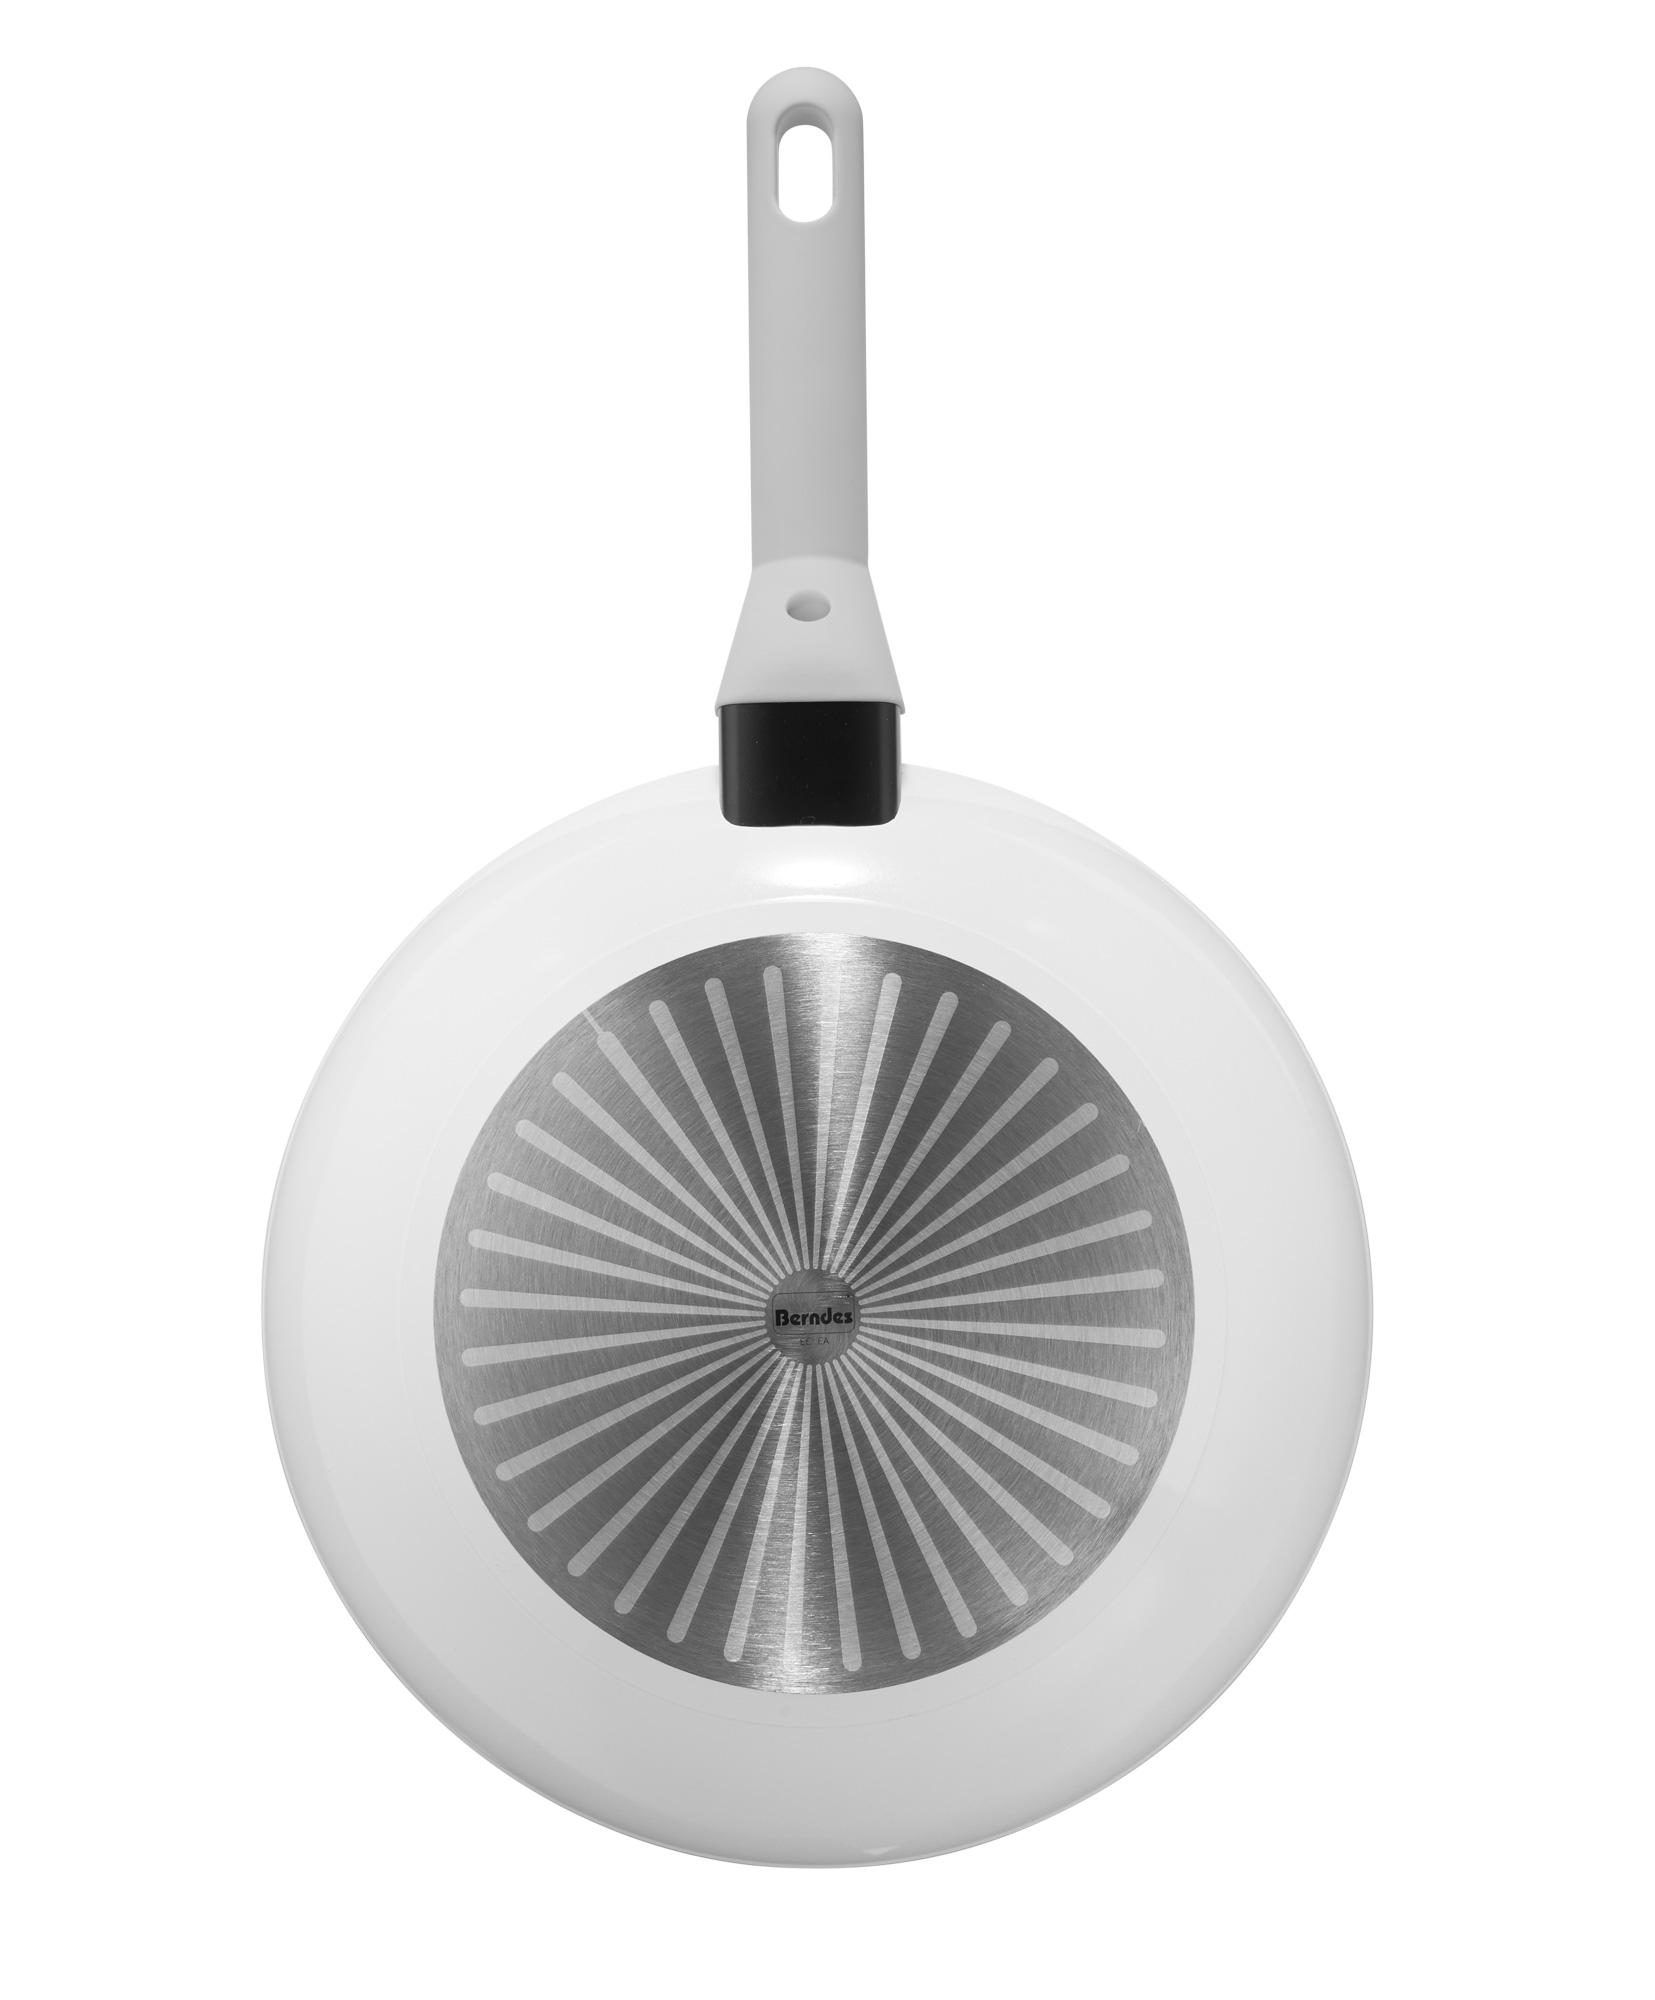 Berndes Schmorpfanne Veggie White Induction 28 cm